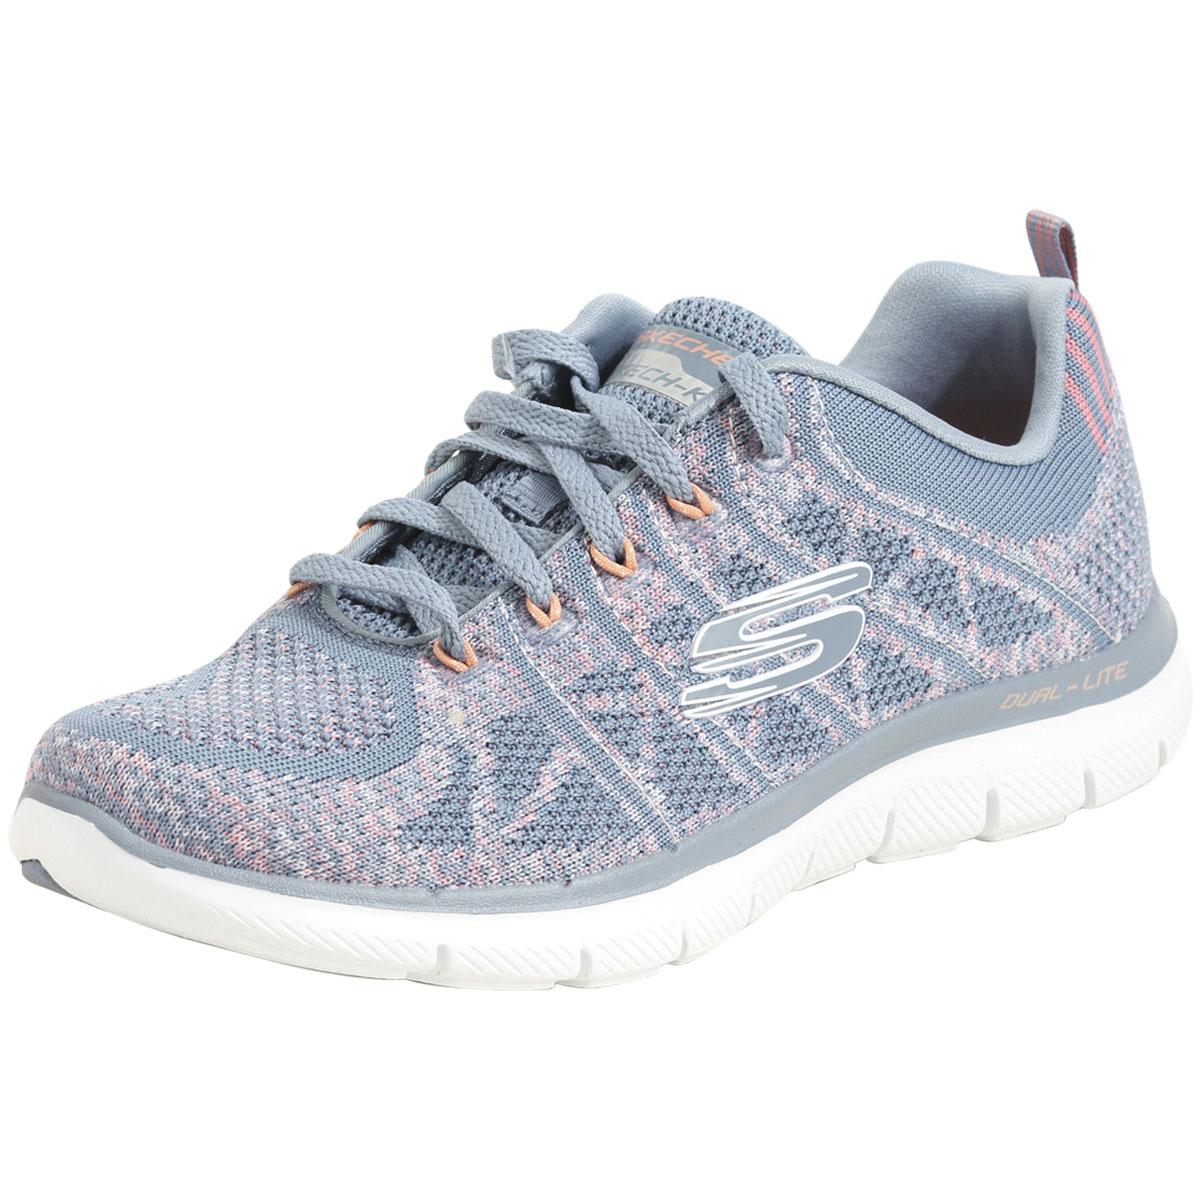 43ab45442aed Skechers Women s Flex Appeal 2.0 New Gem Memory Foam Sneakers Shoes ...